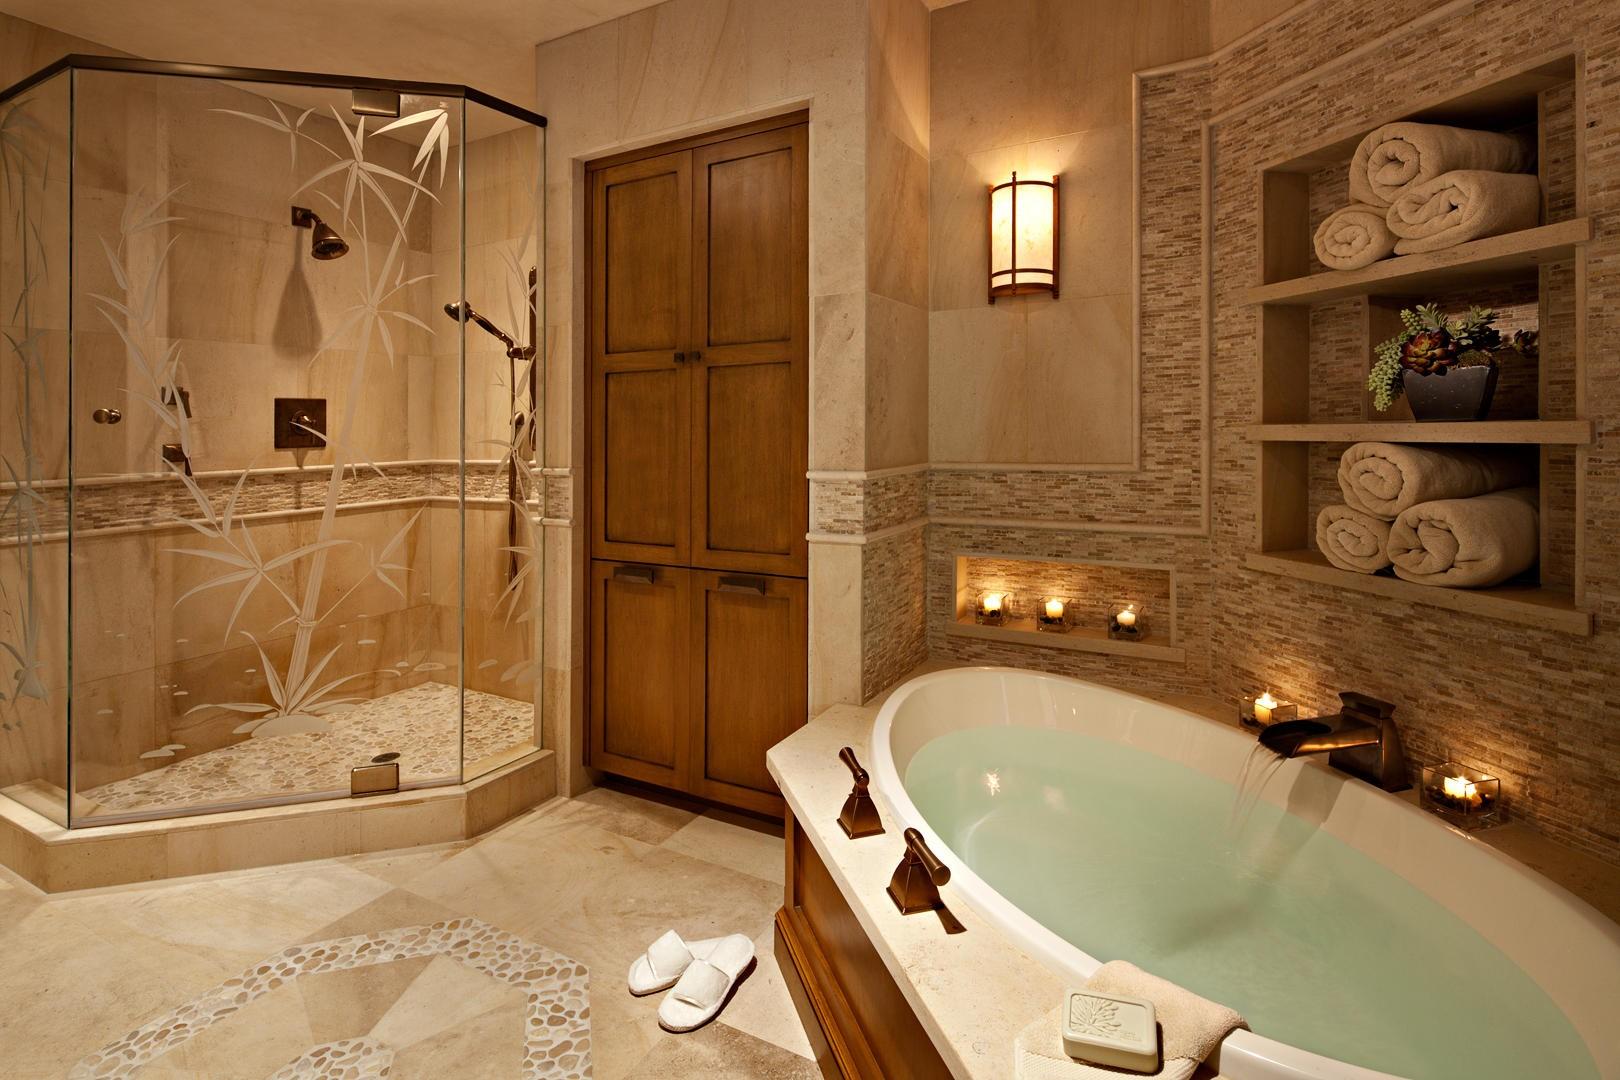 spa bathroom ideas photos photo - 2